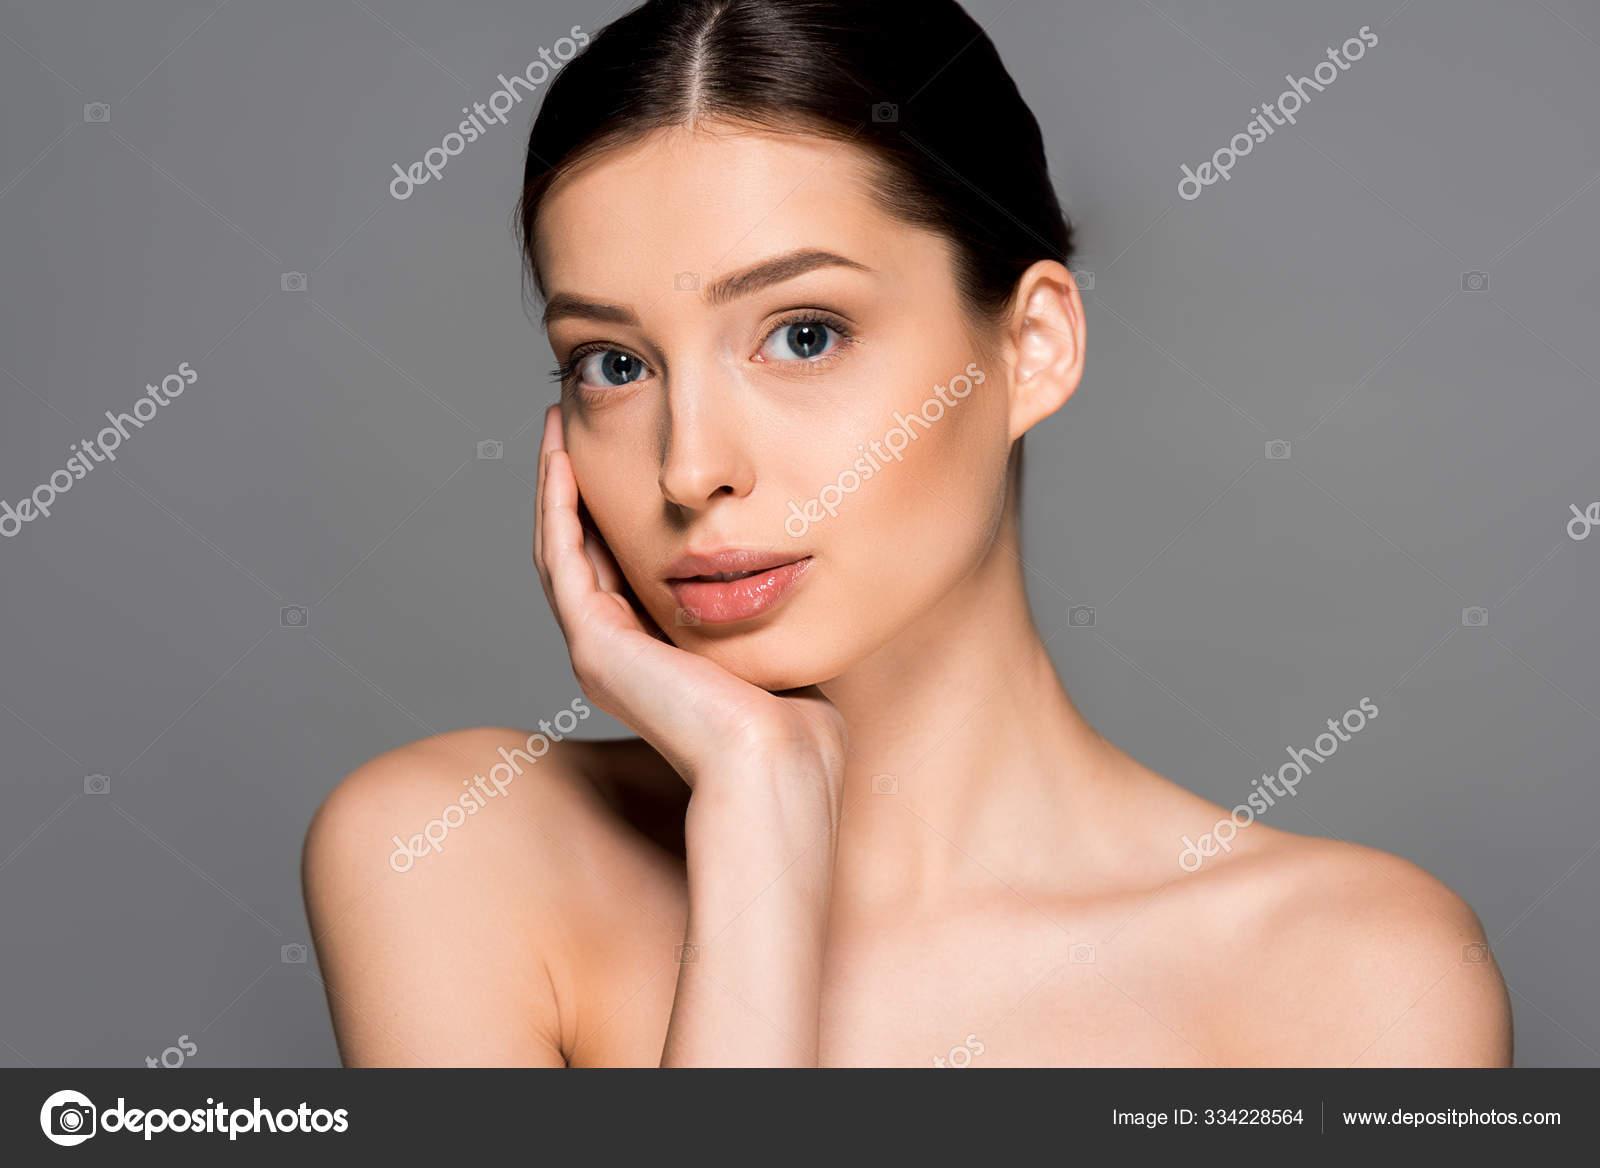 Schöne Nackte Frau Mit Perfekter Haut Isoliert Auf Grau